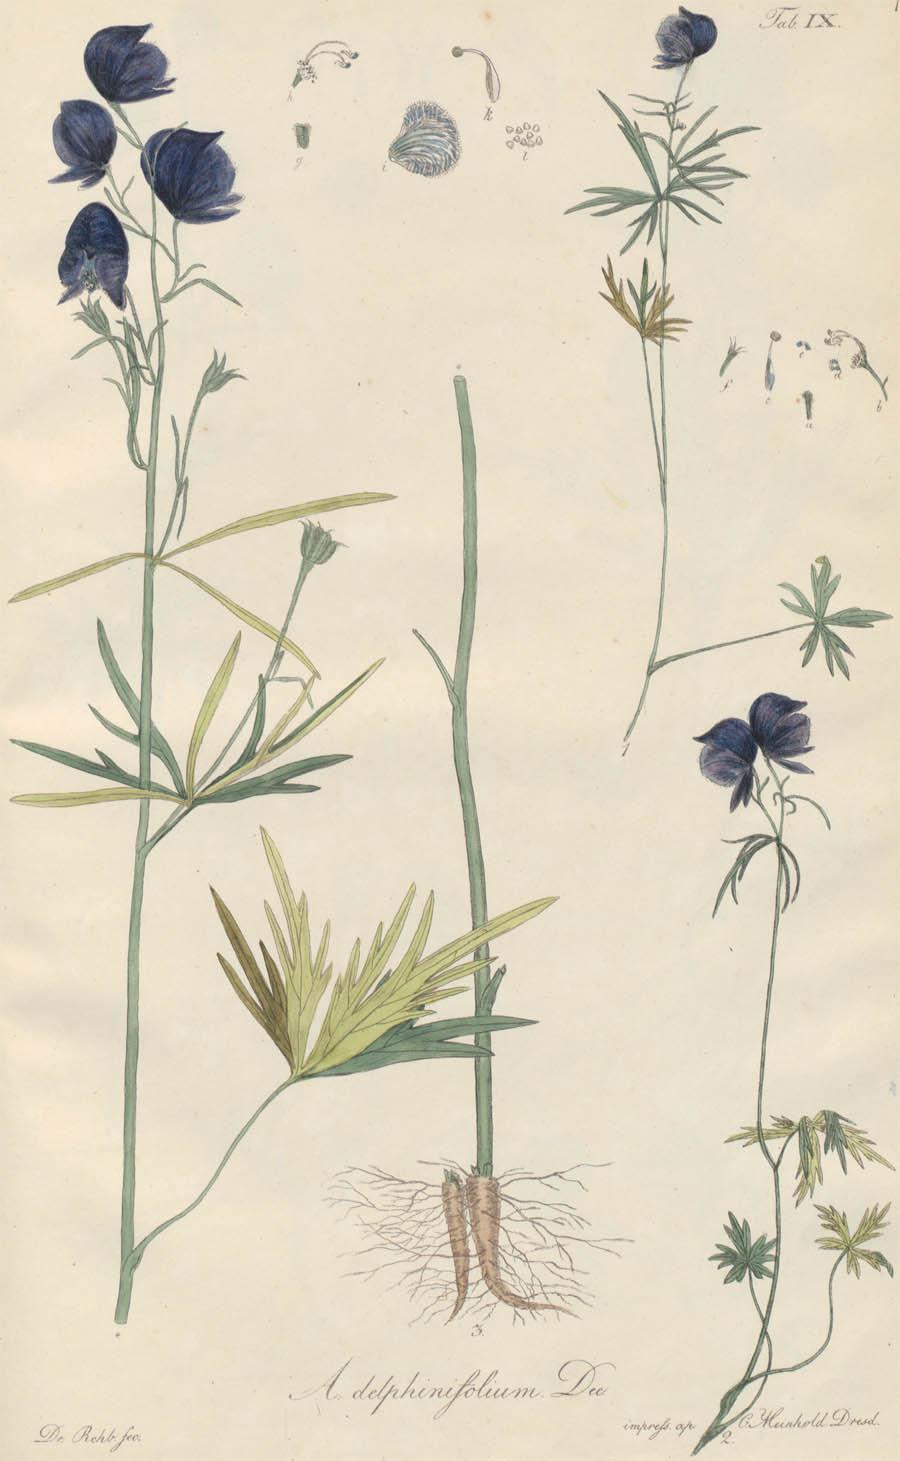 Aconitum_delphinifolium_4a.jpg